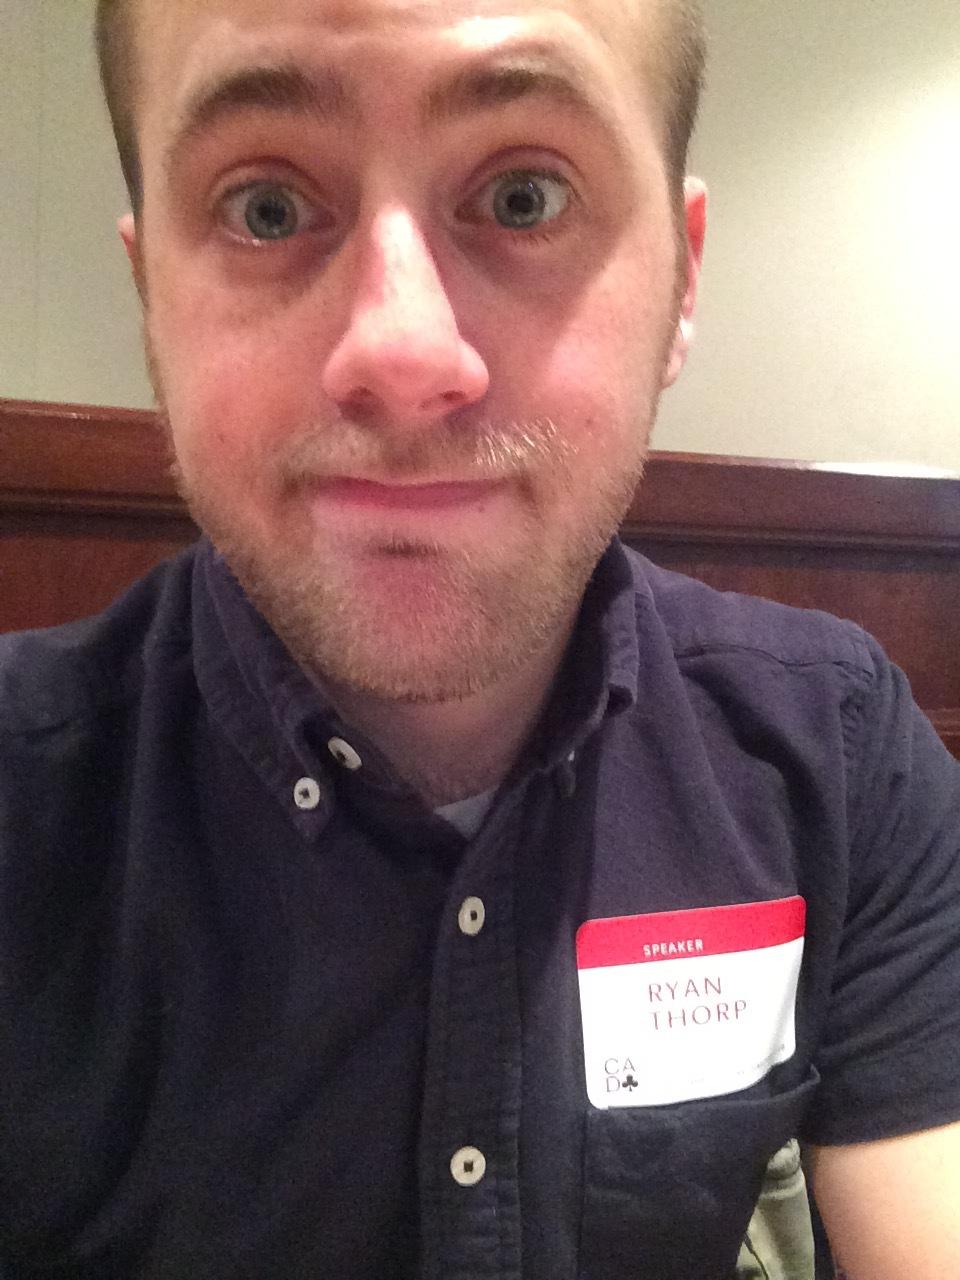 04.30.16 - Selfie prior to speaking